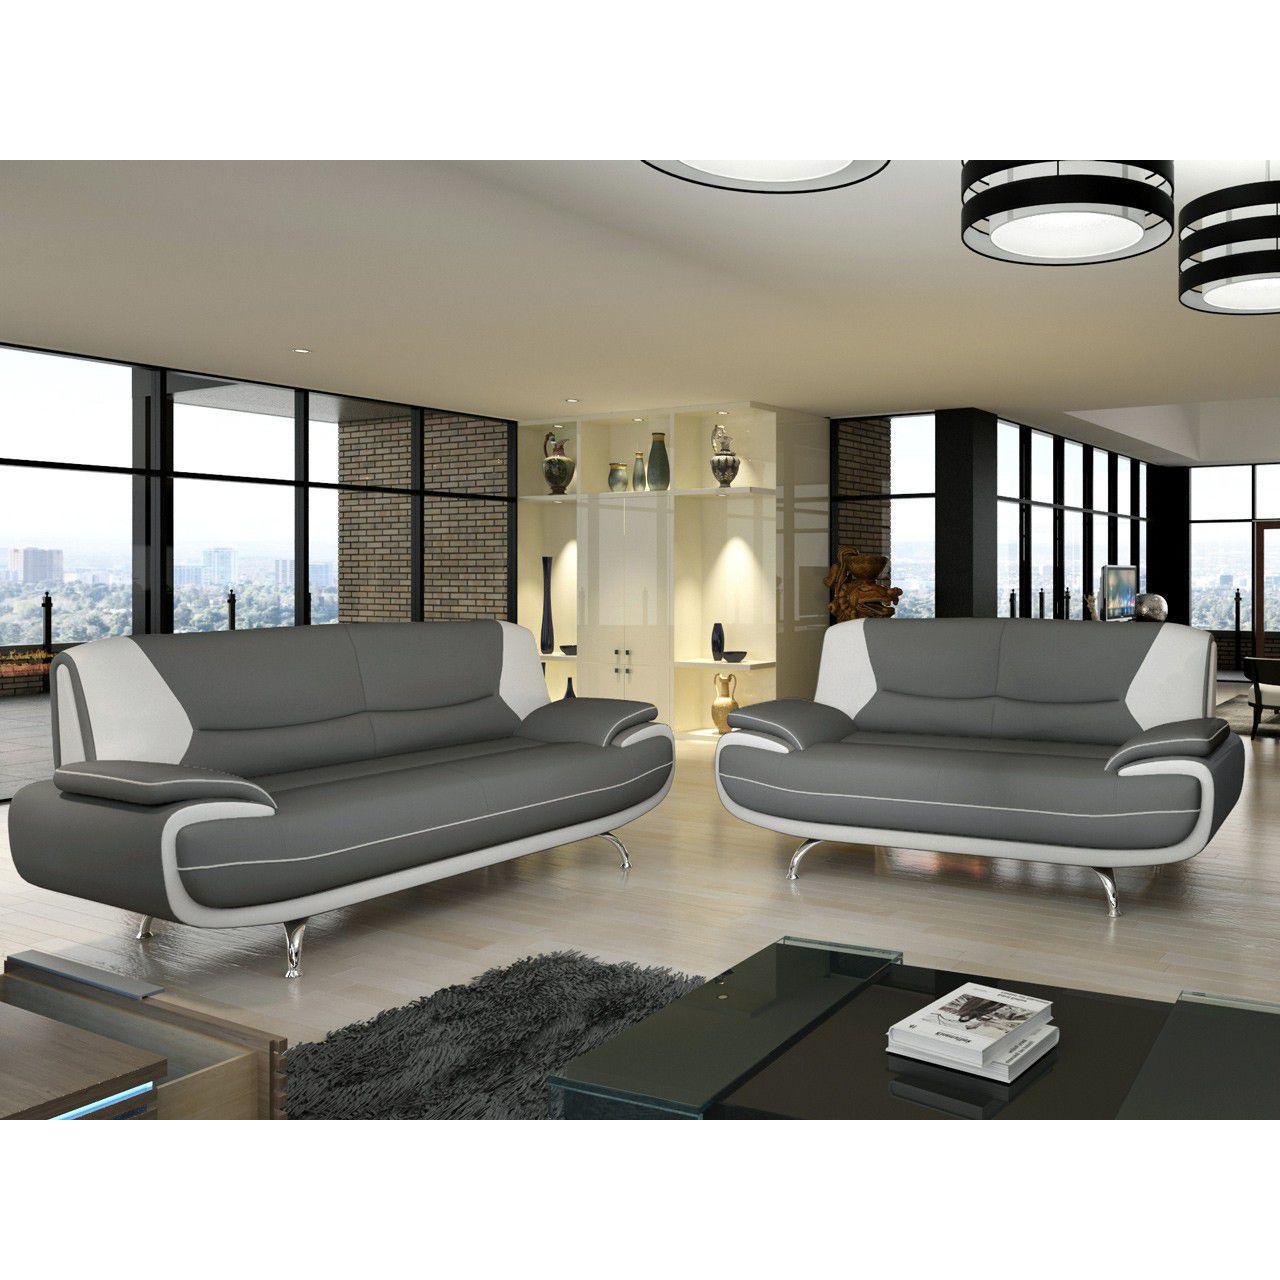 Salon Canapé 3 places en simili cuir noir et blanc